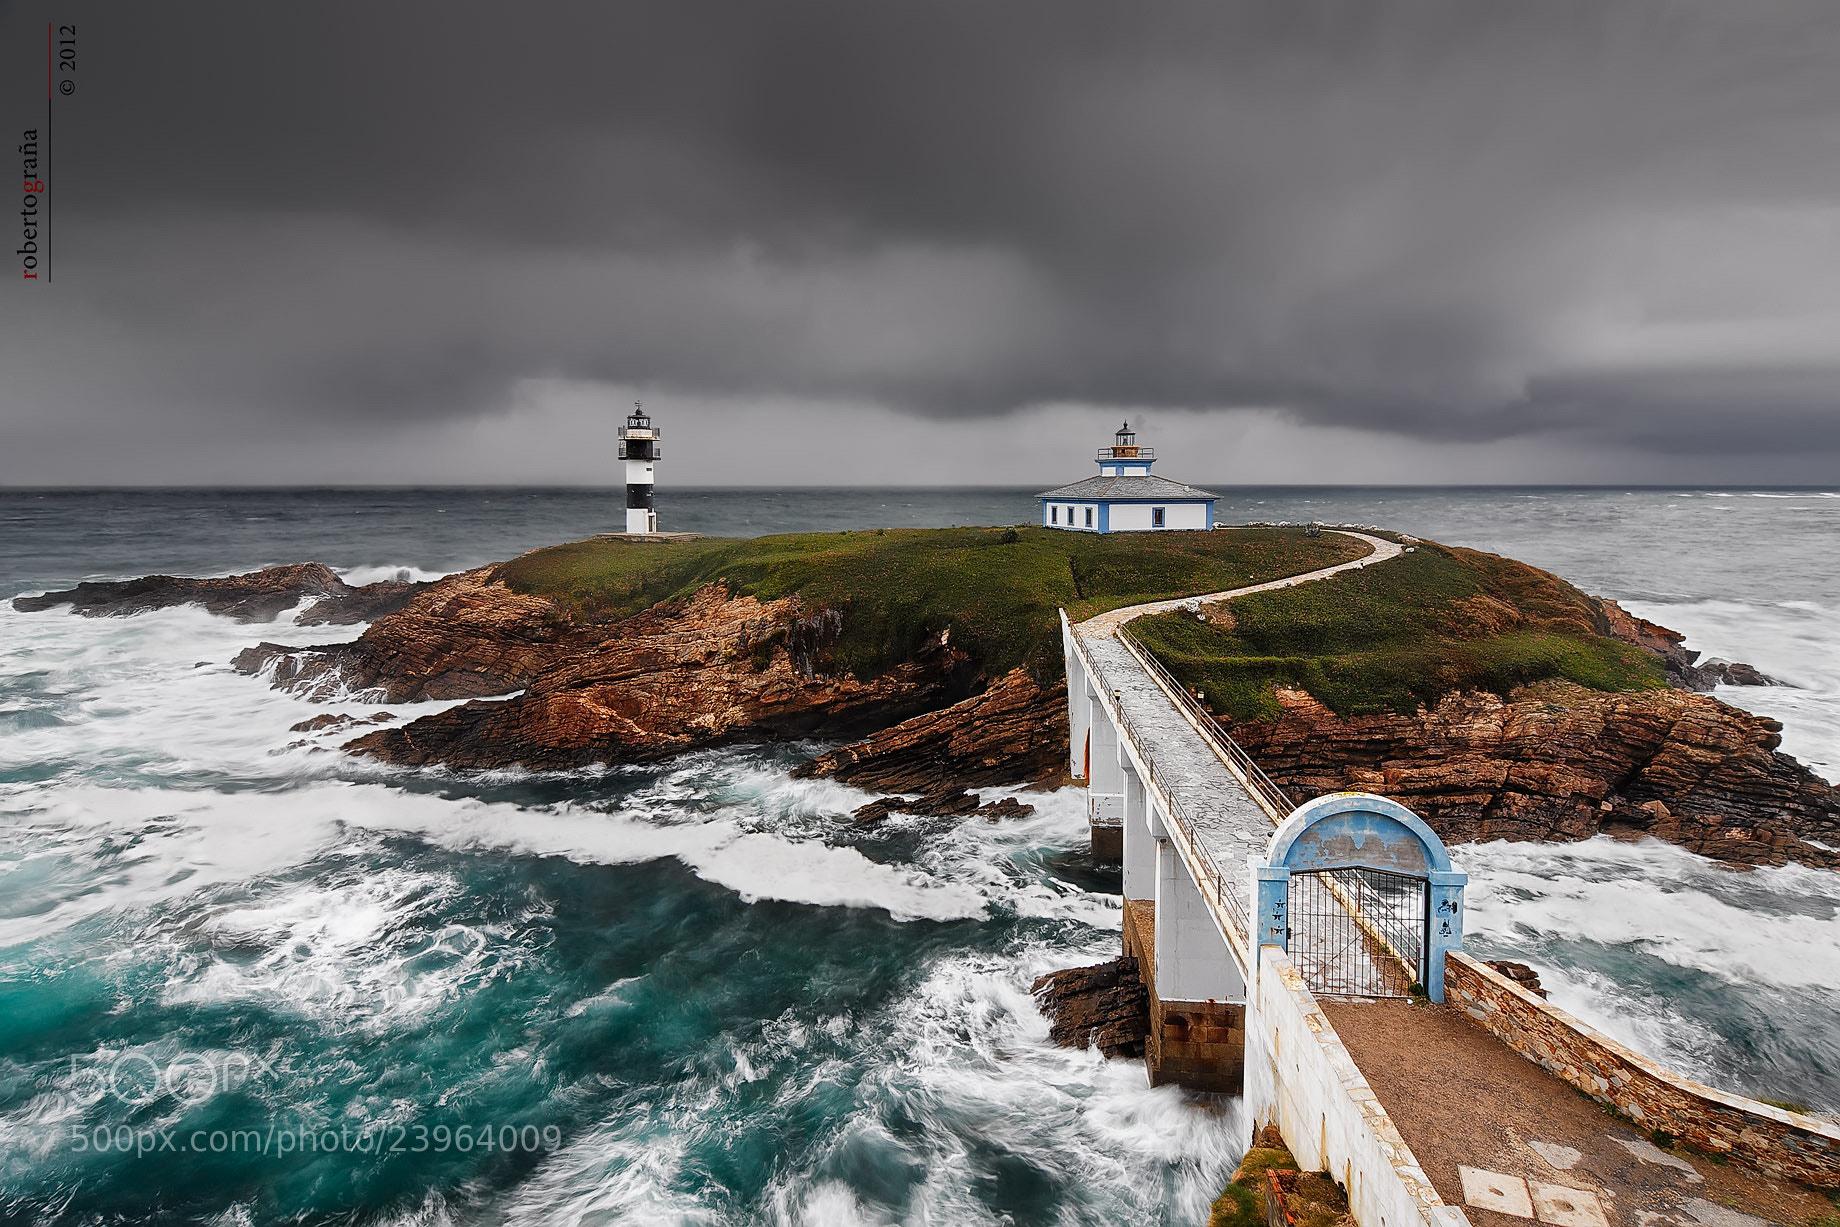 Photograph La Isla de los dos Faros by Roberto Graña on 500px